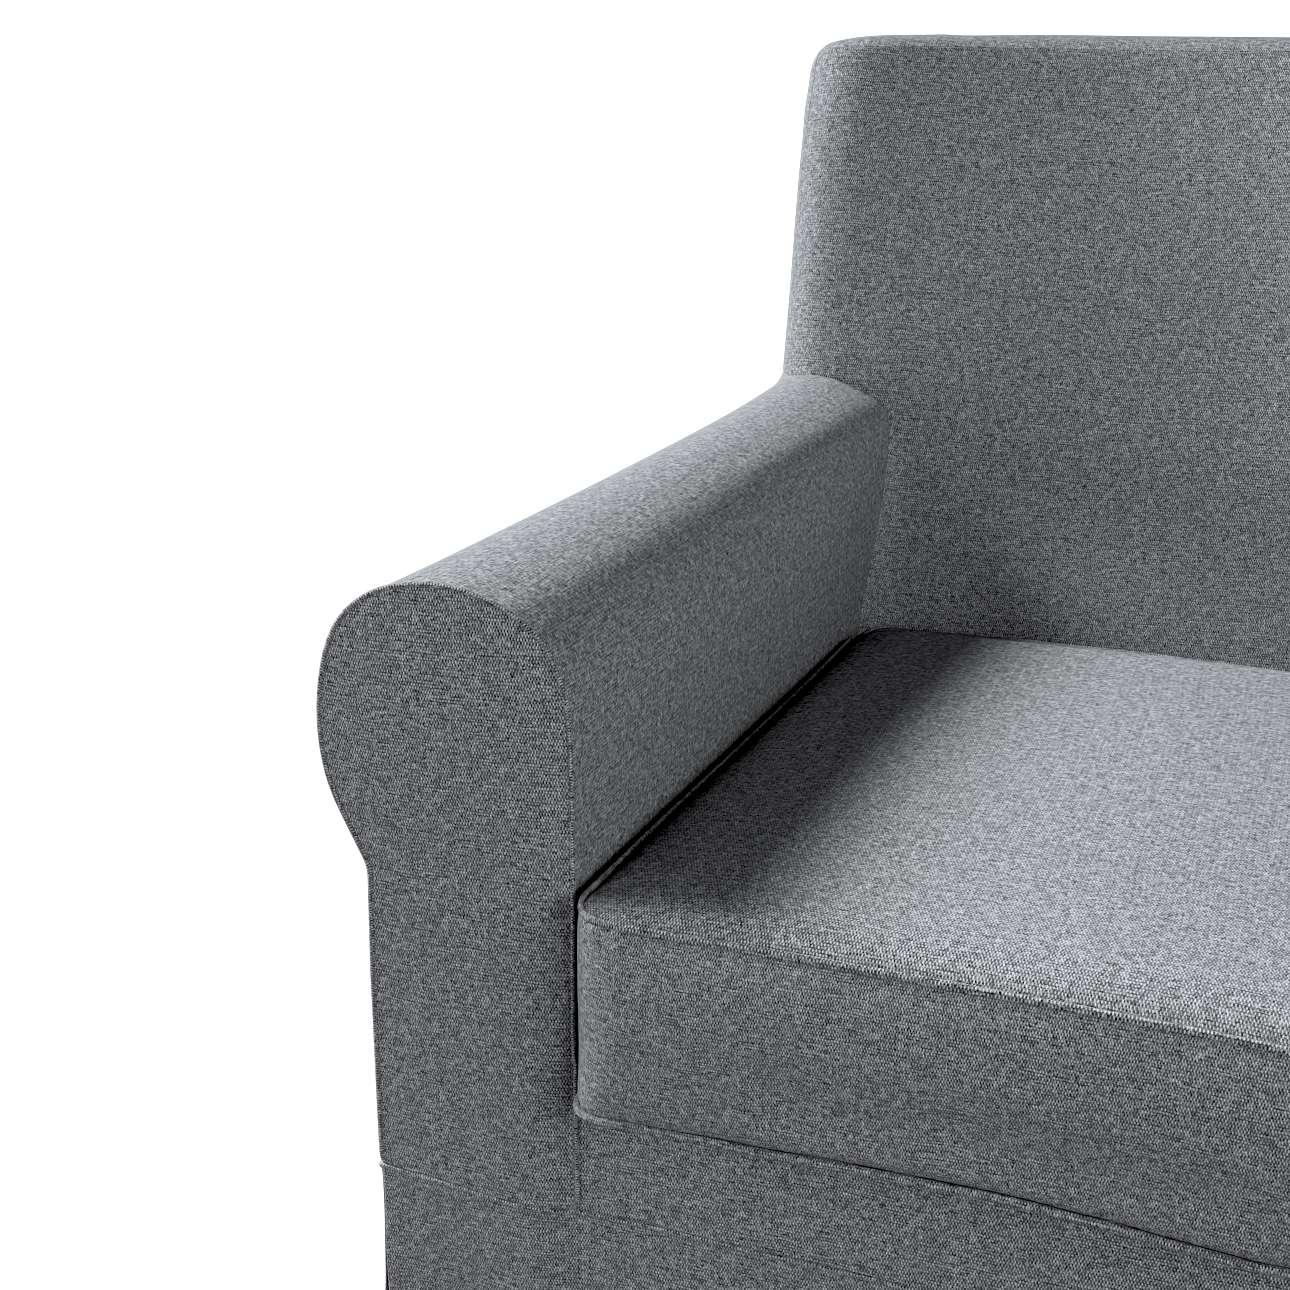 Pokrowiec na fotel Ektorp Jennylund w kolekcji Amsterdam, tkanina: 704-47